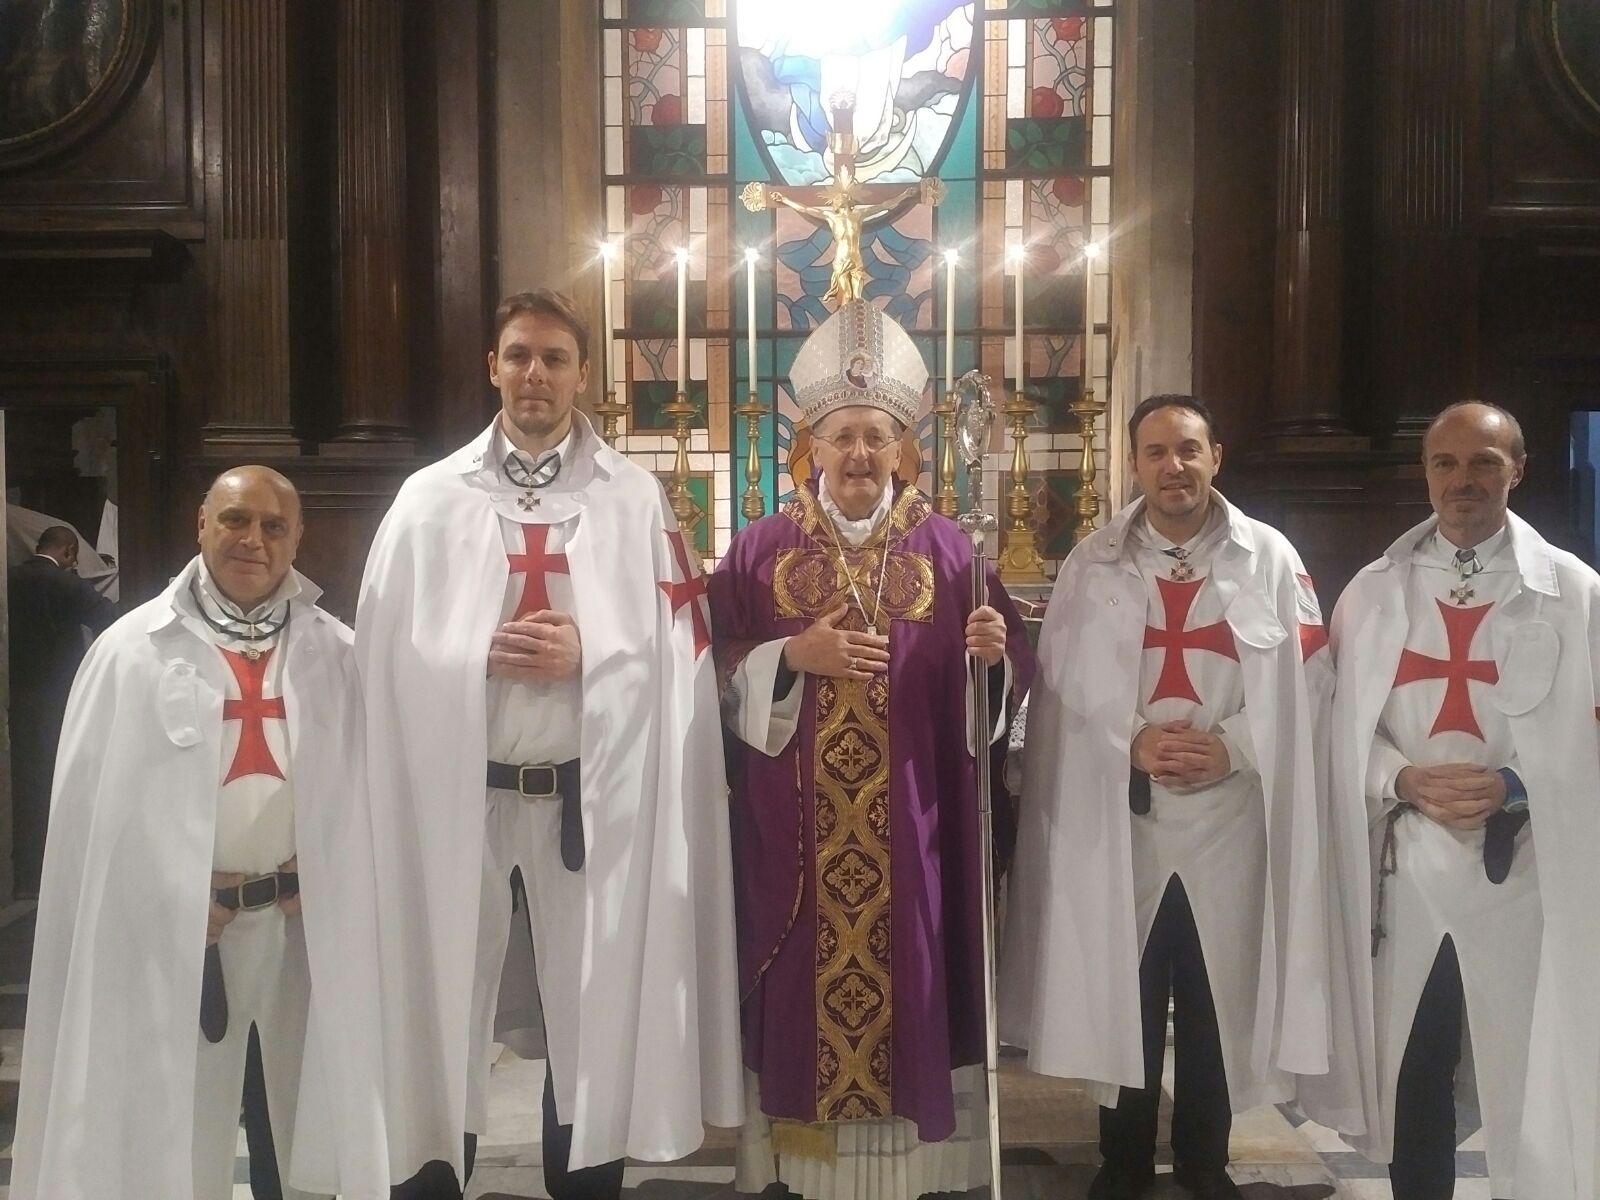 Santa Messa con Card. Beniamino Stella prefetto della Congregazione del Clero